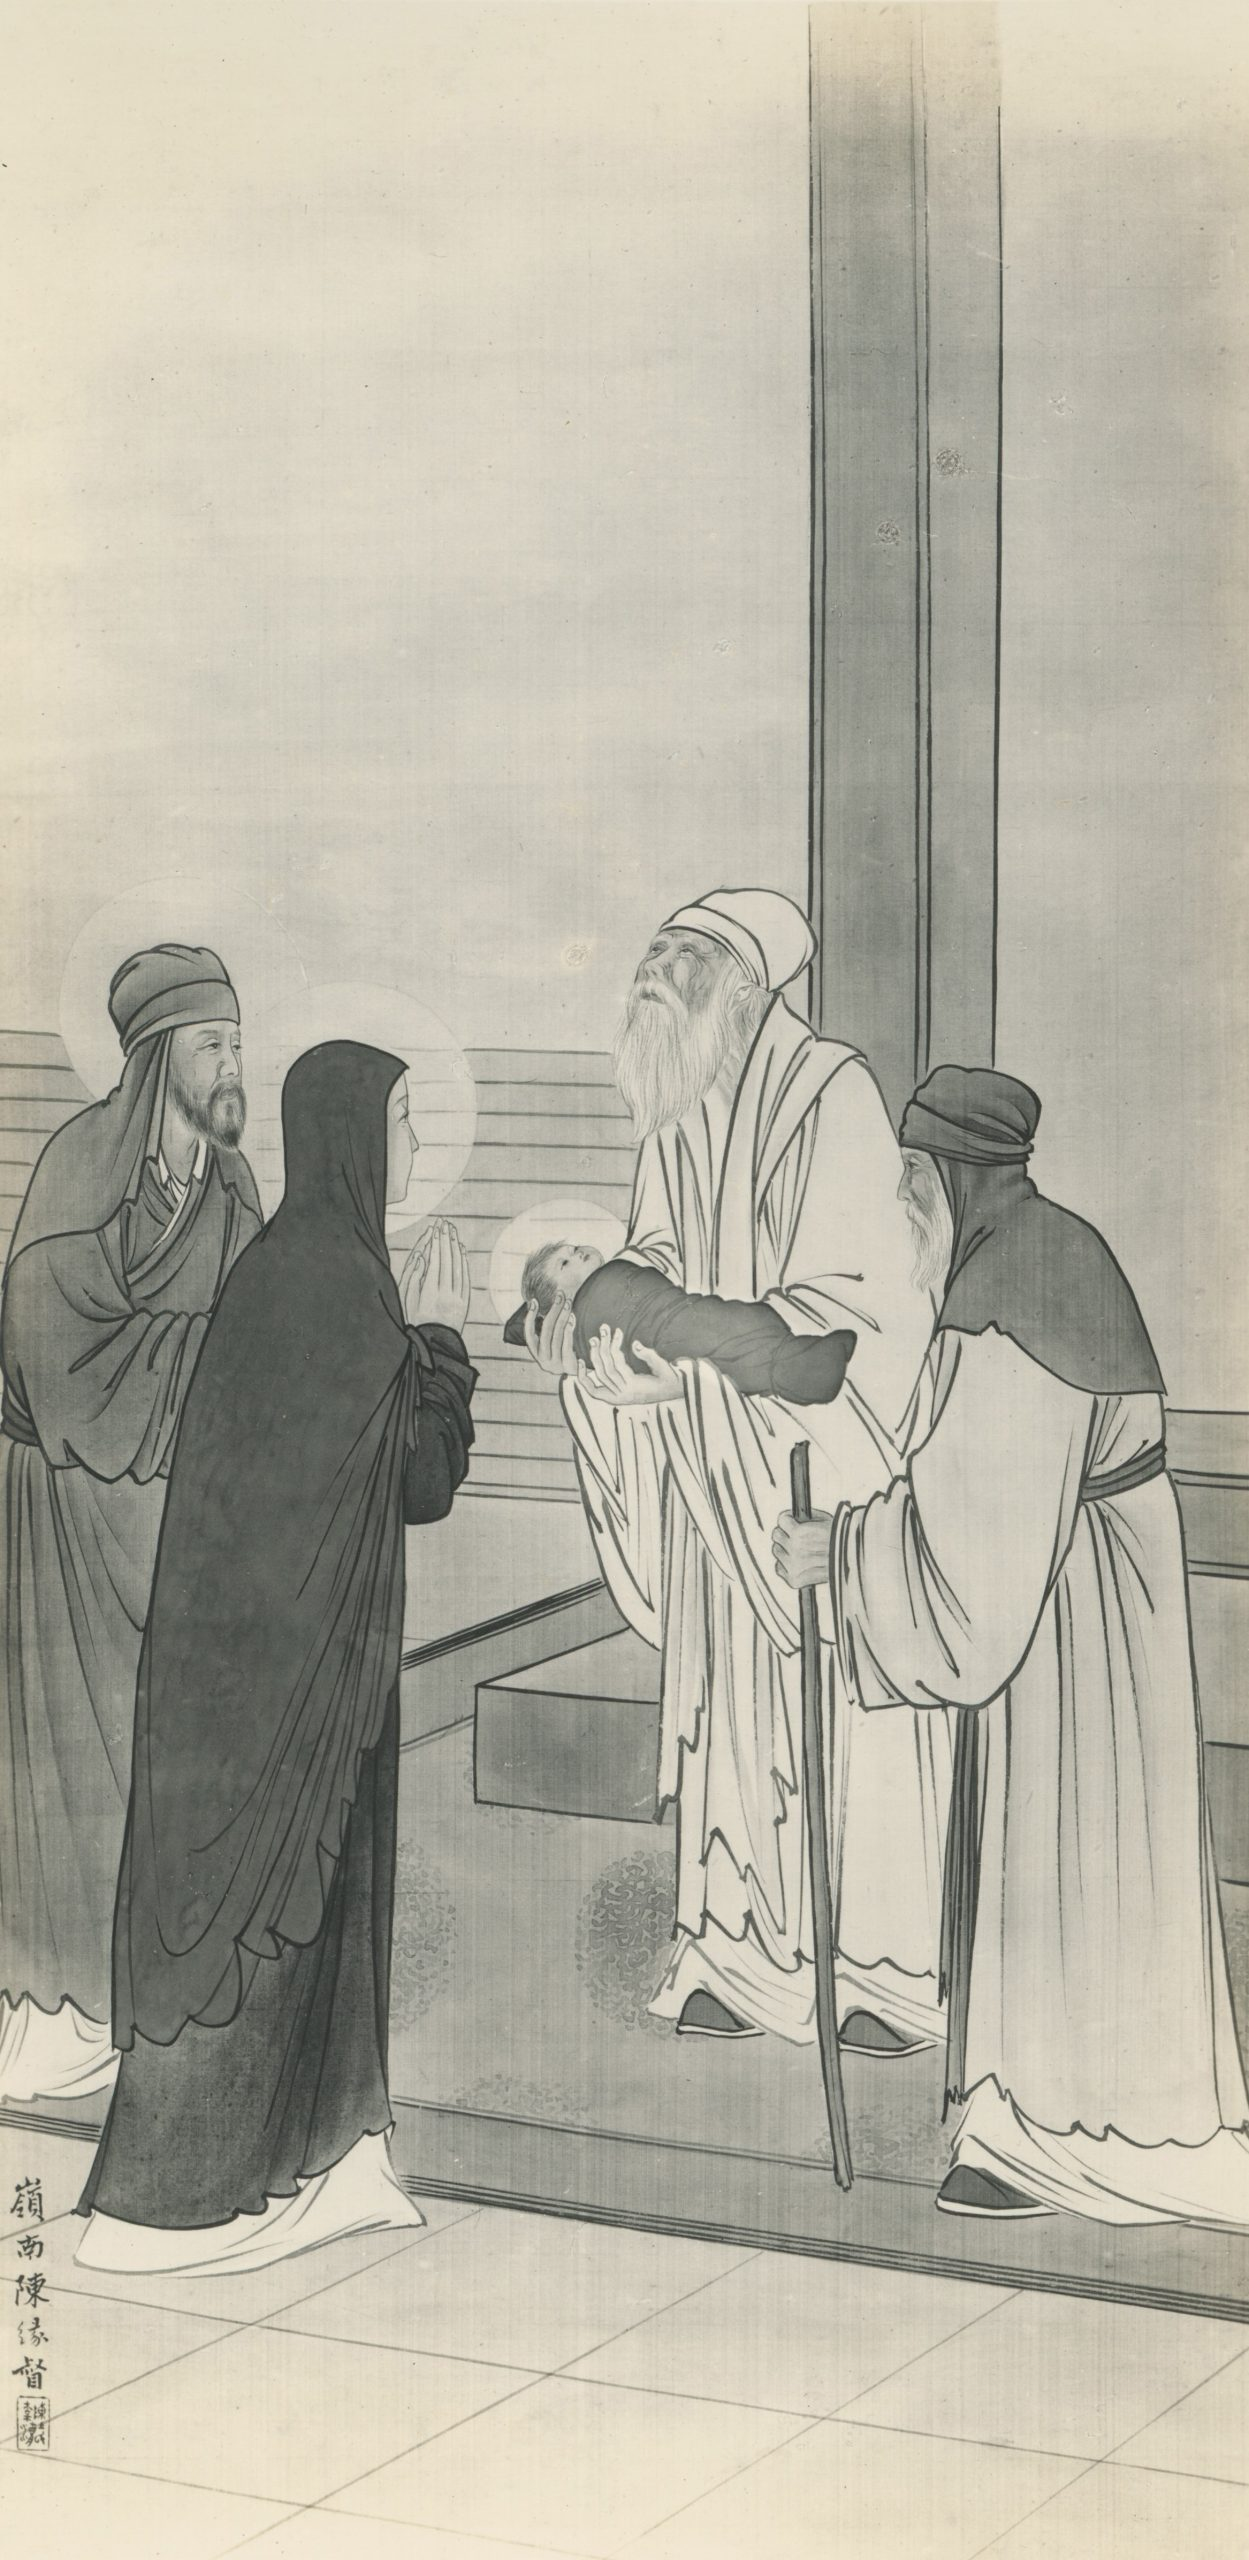 傳統藝術 – 第3頁 – 基督教海報